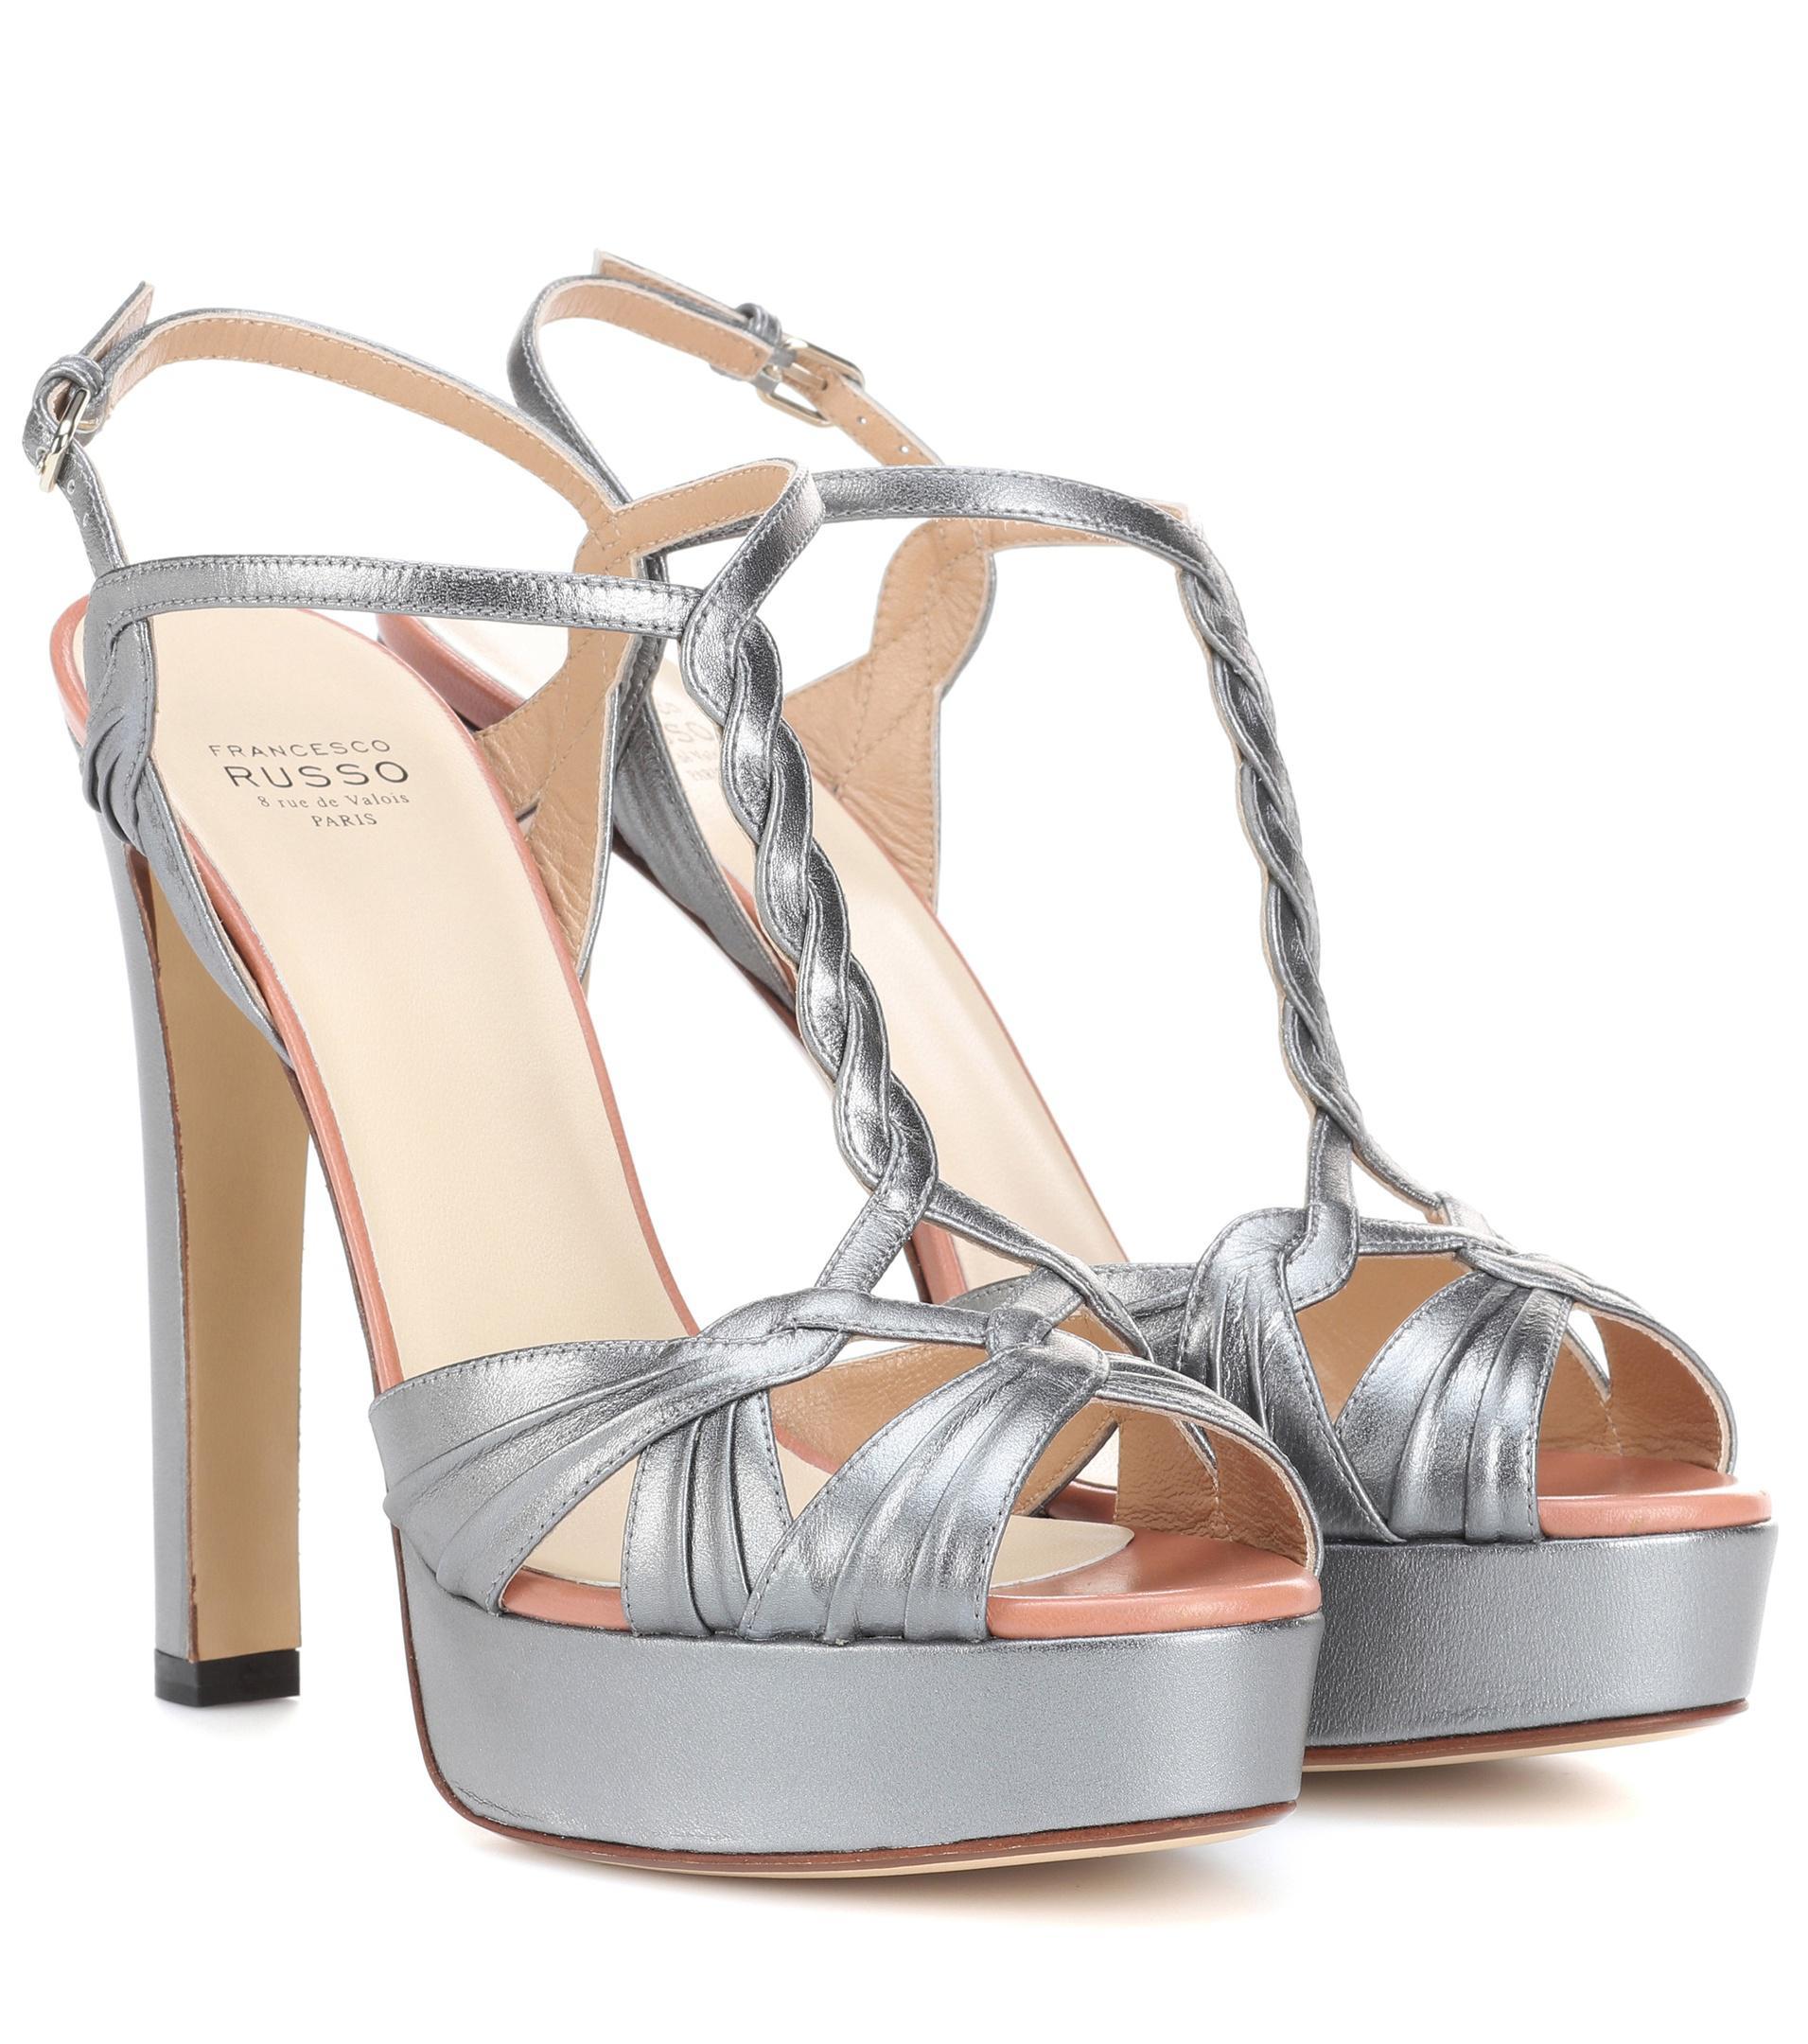 Francesco Russo Leather platform sandals i8tdt